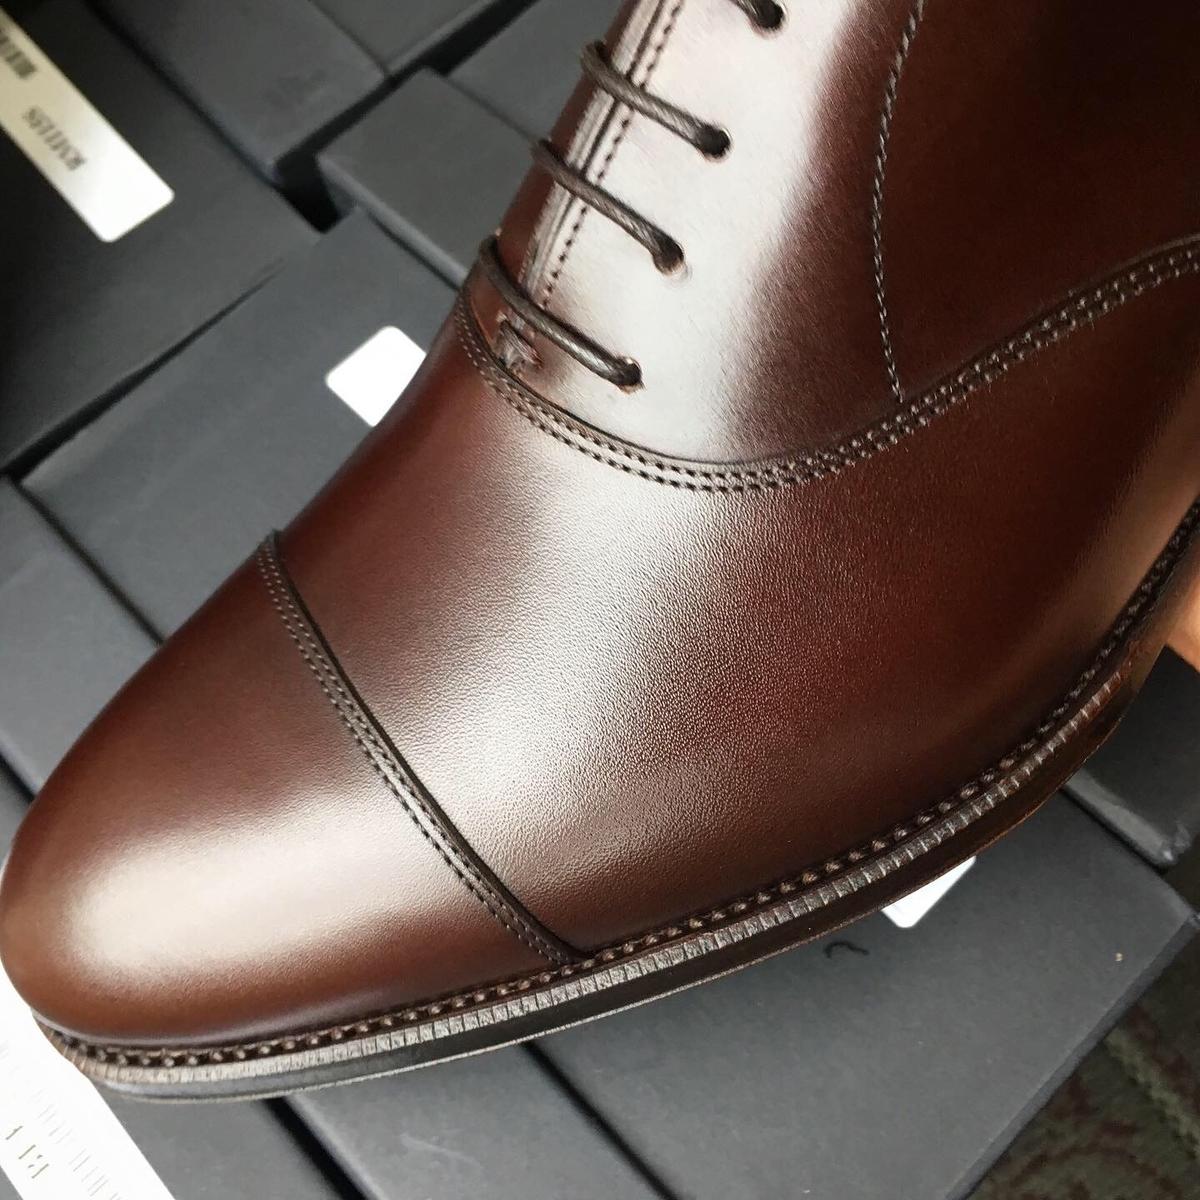 f:id:raymar-shoes:20191007230111j:plain